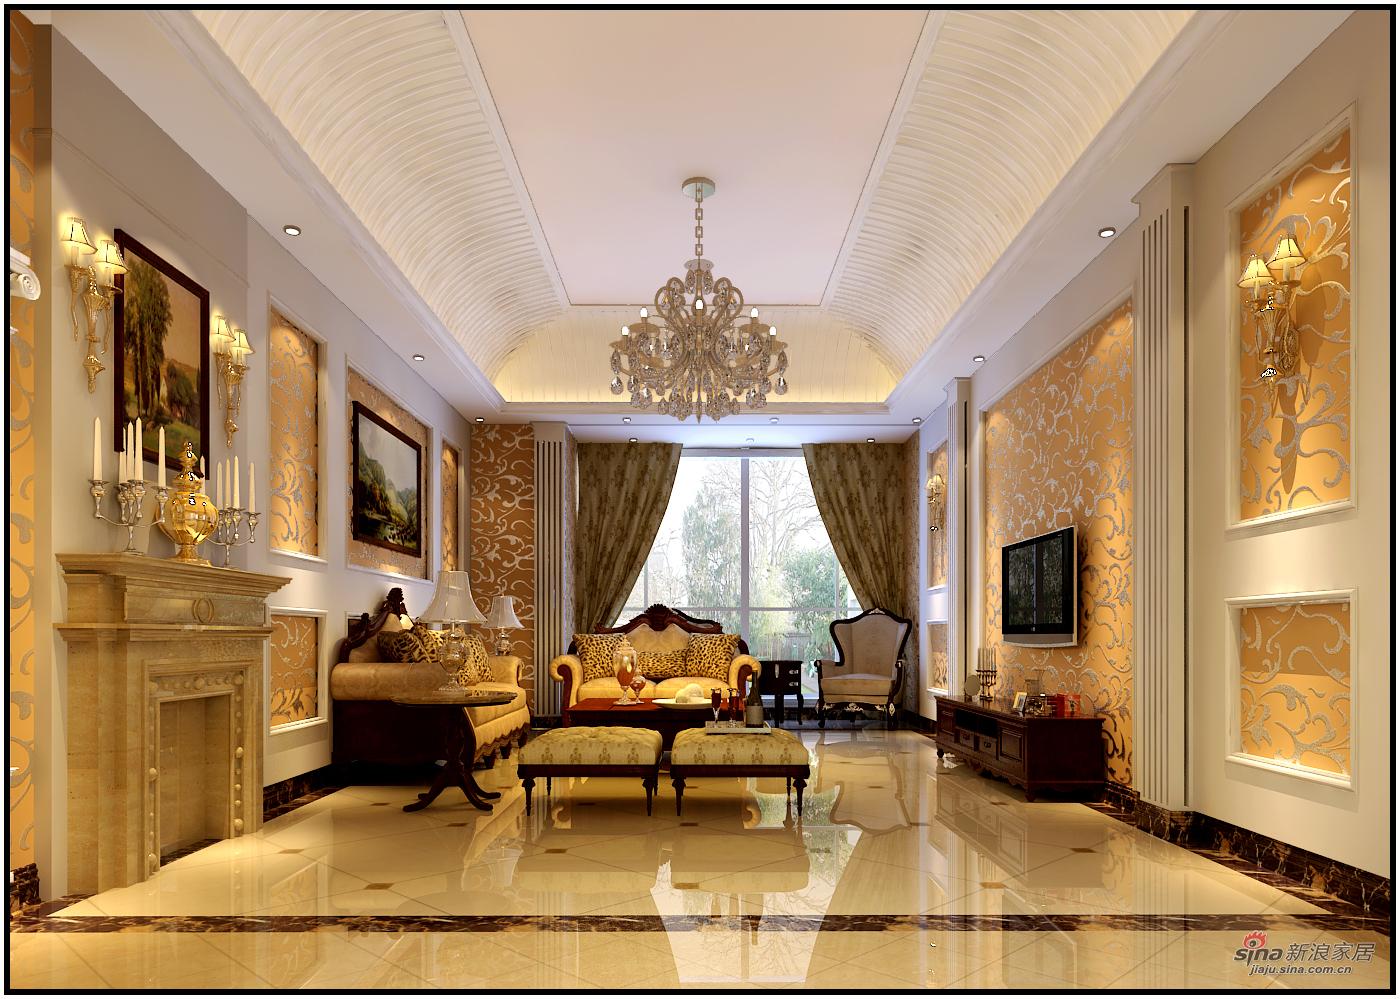 美式 复式 客厅图片来自用户1907686233在【高清】180平米奢华欧美风41的分享